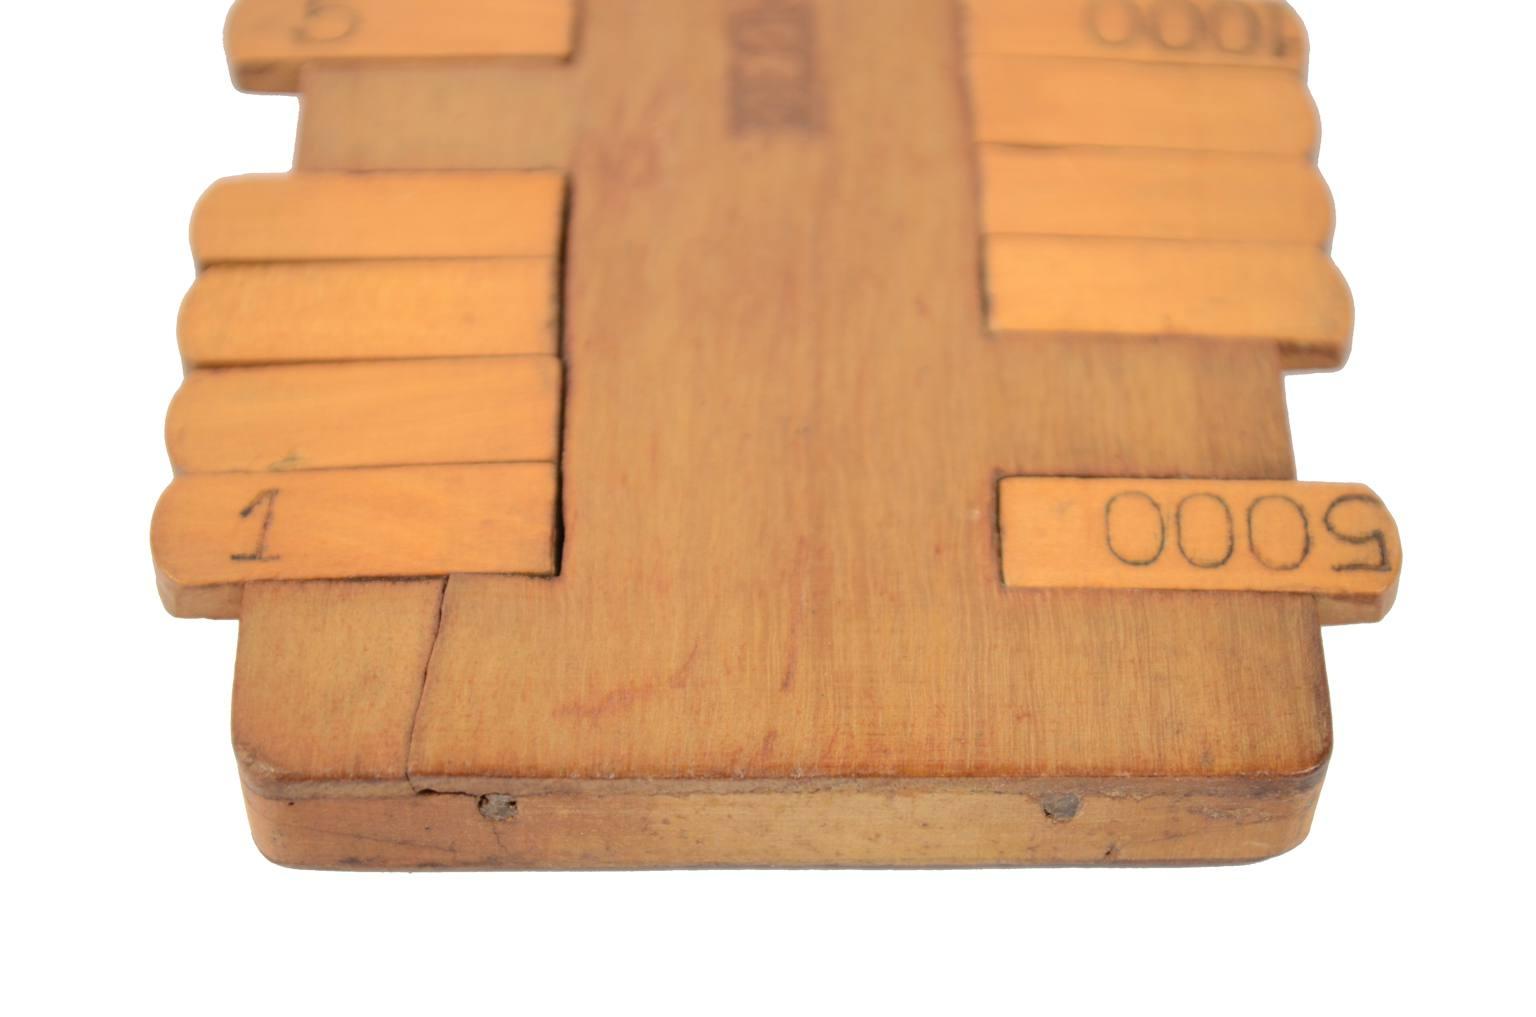 Strumenti di misura antichi/60789-Antico segnapunti